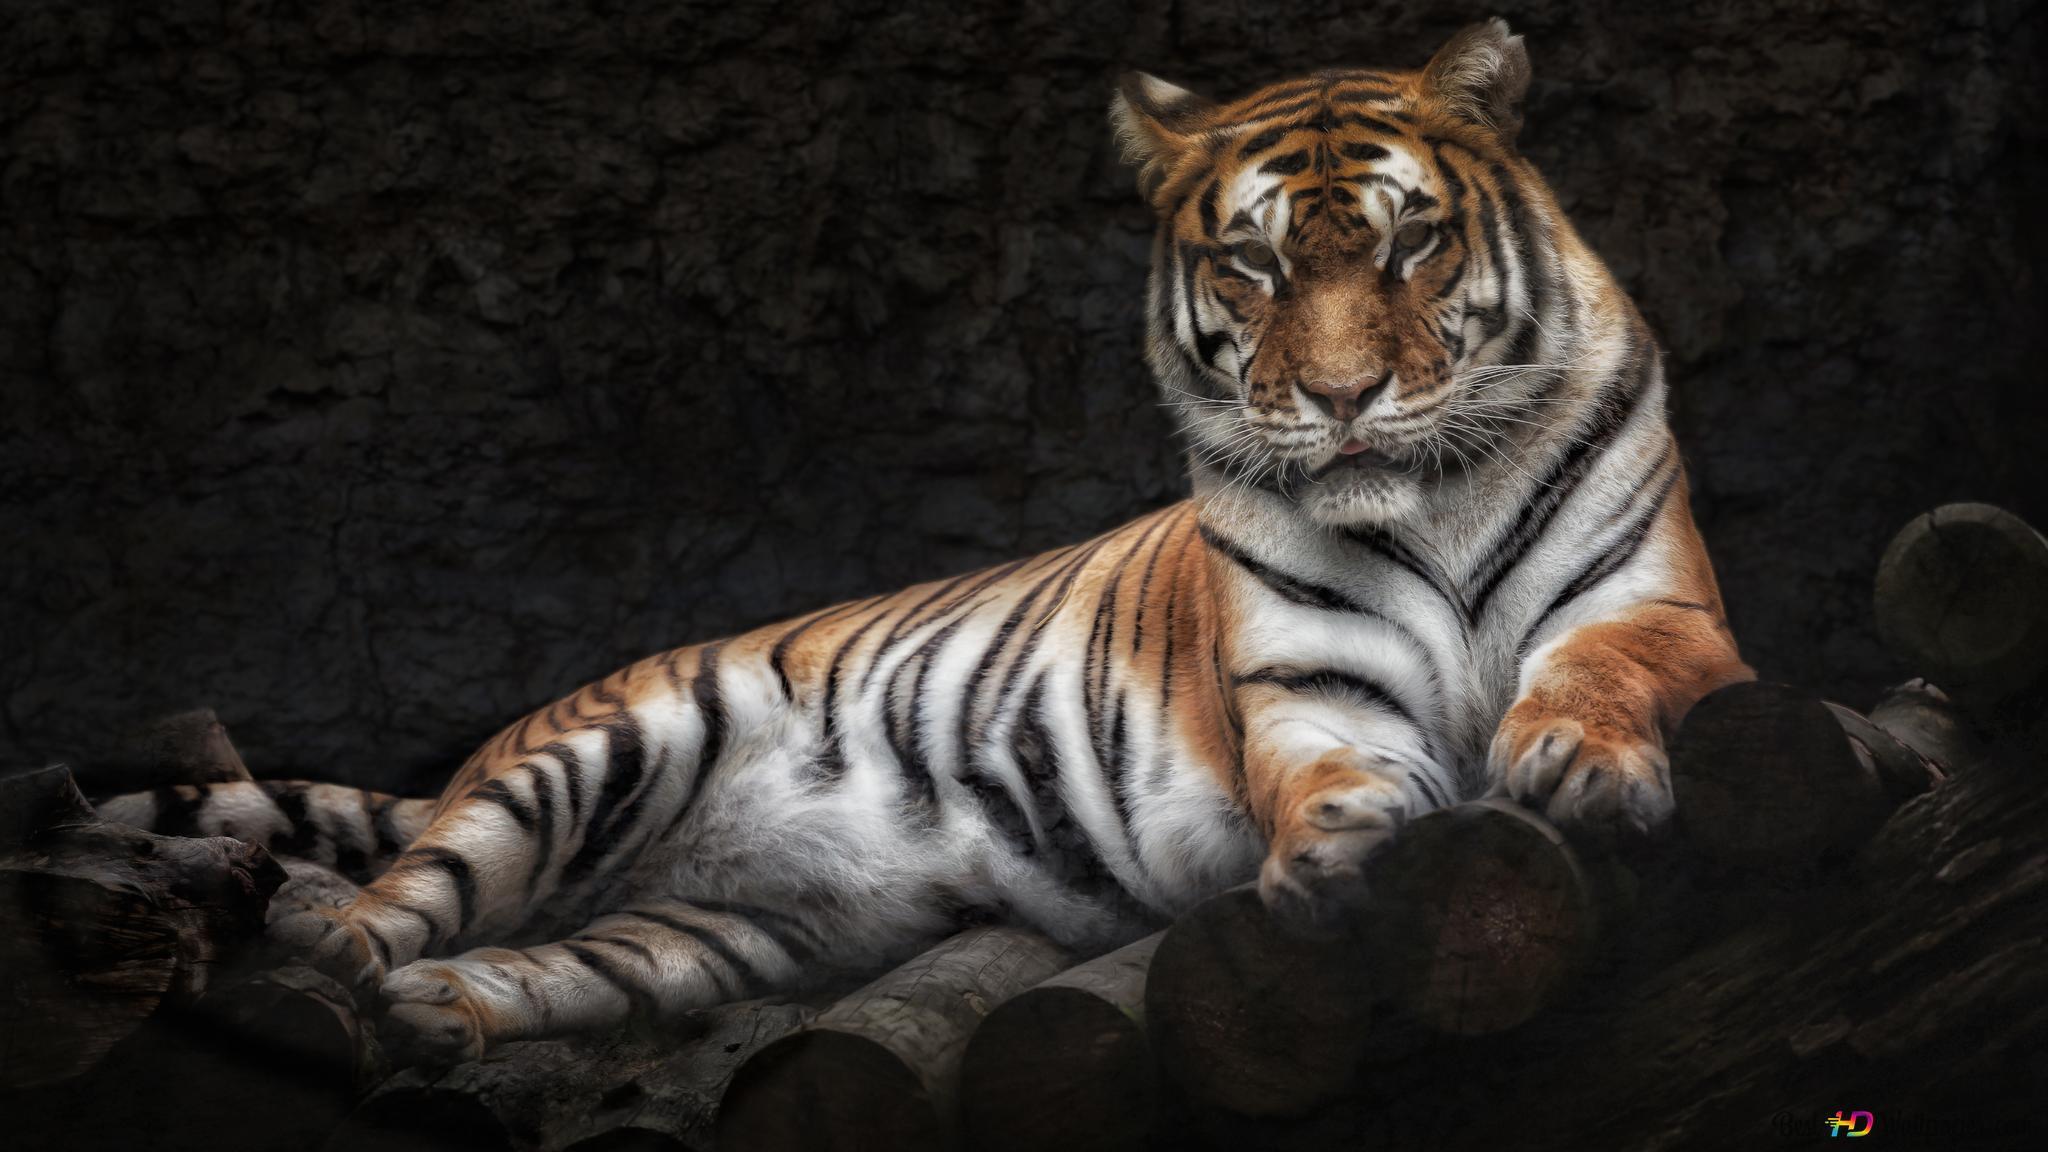 Descargar Fondo De Pantalla Tigre Real Hd